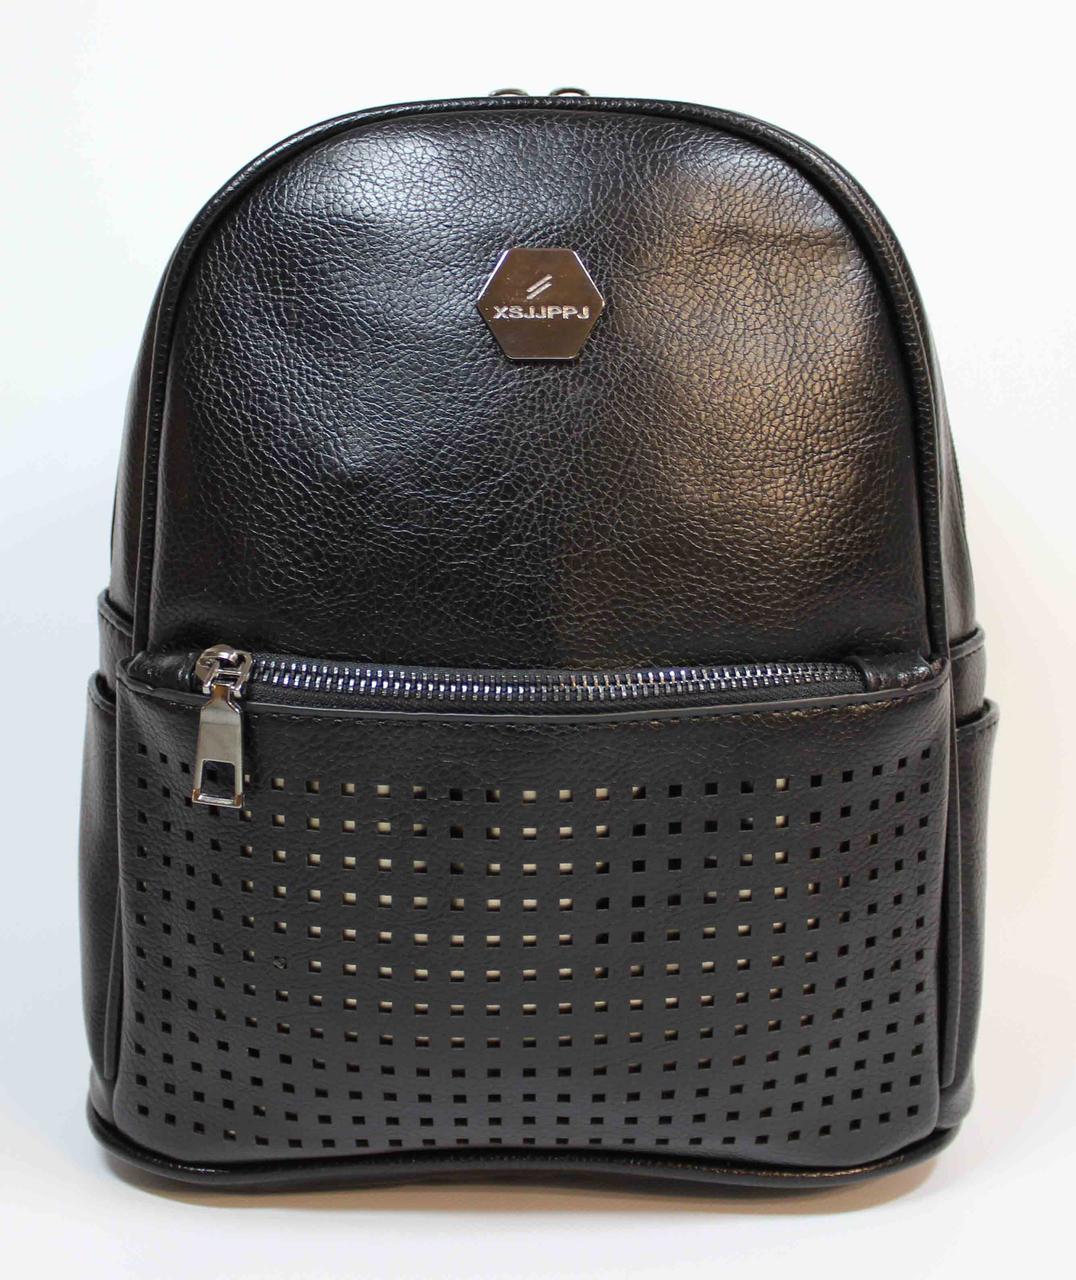 Женский стильный городской рюкзак - Komodd - Женские сумки,рюкзачки,спортивные  сумки в Хмельницком 3c6307f2037